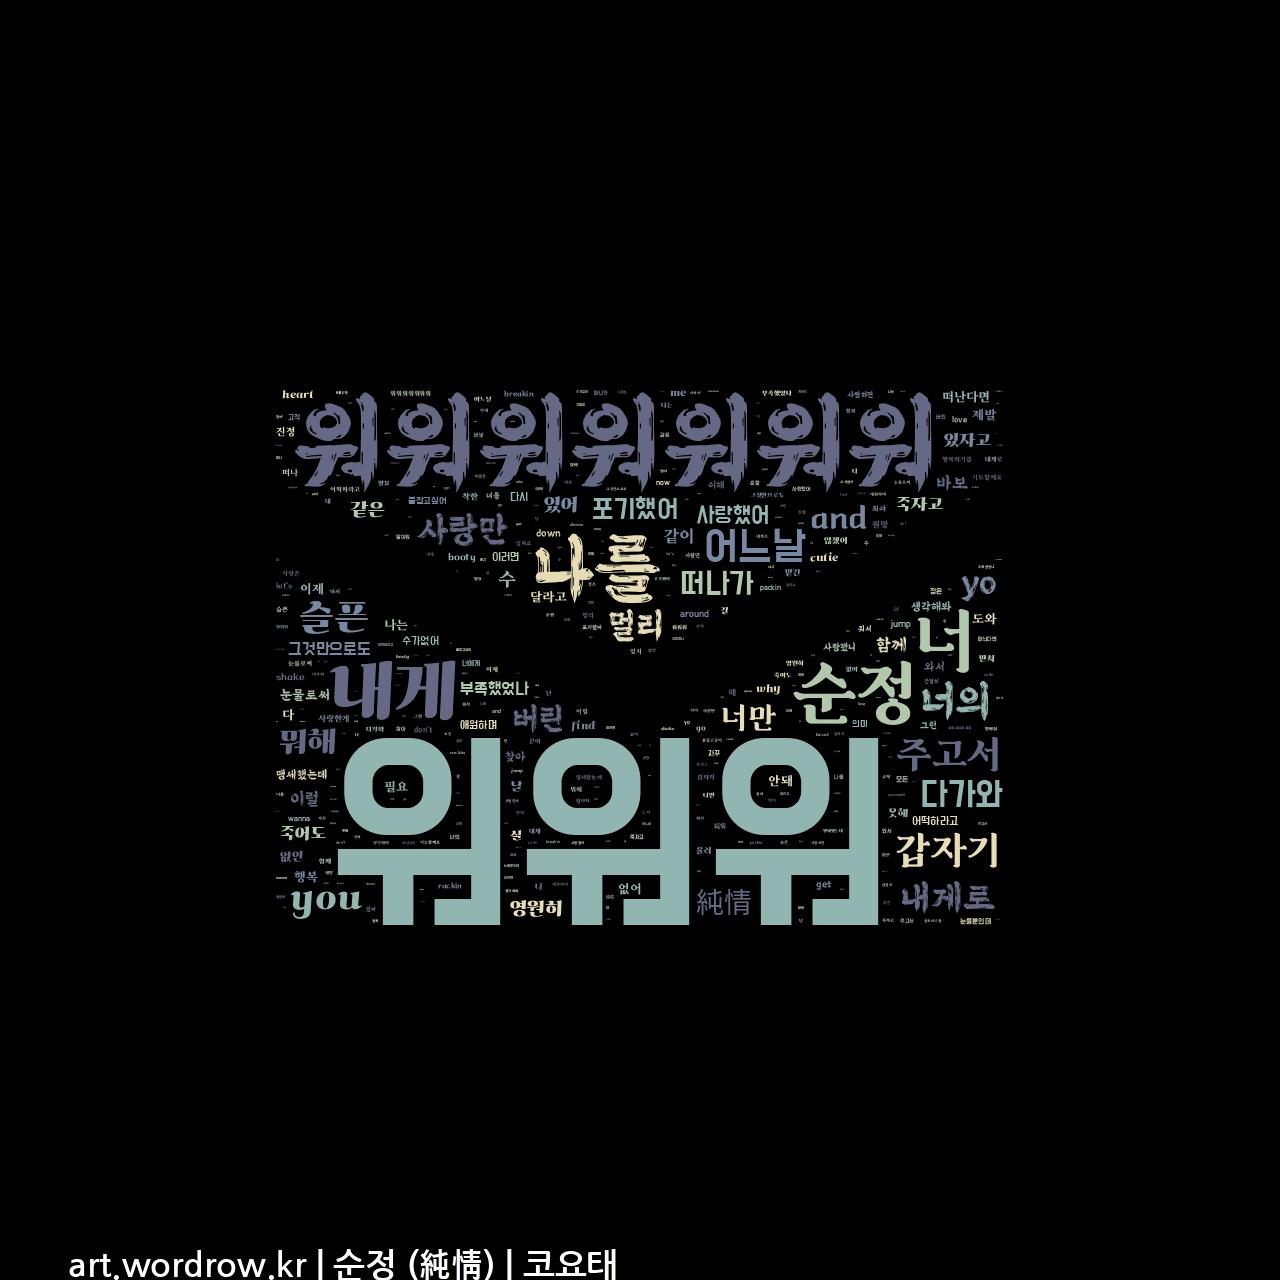 워드 클라우드: 순정 (純情) [코요태]-51